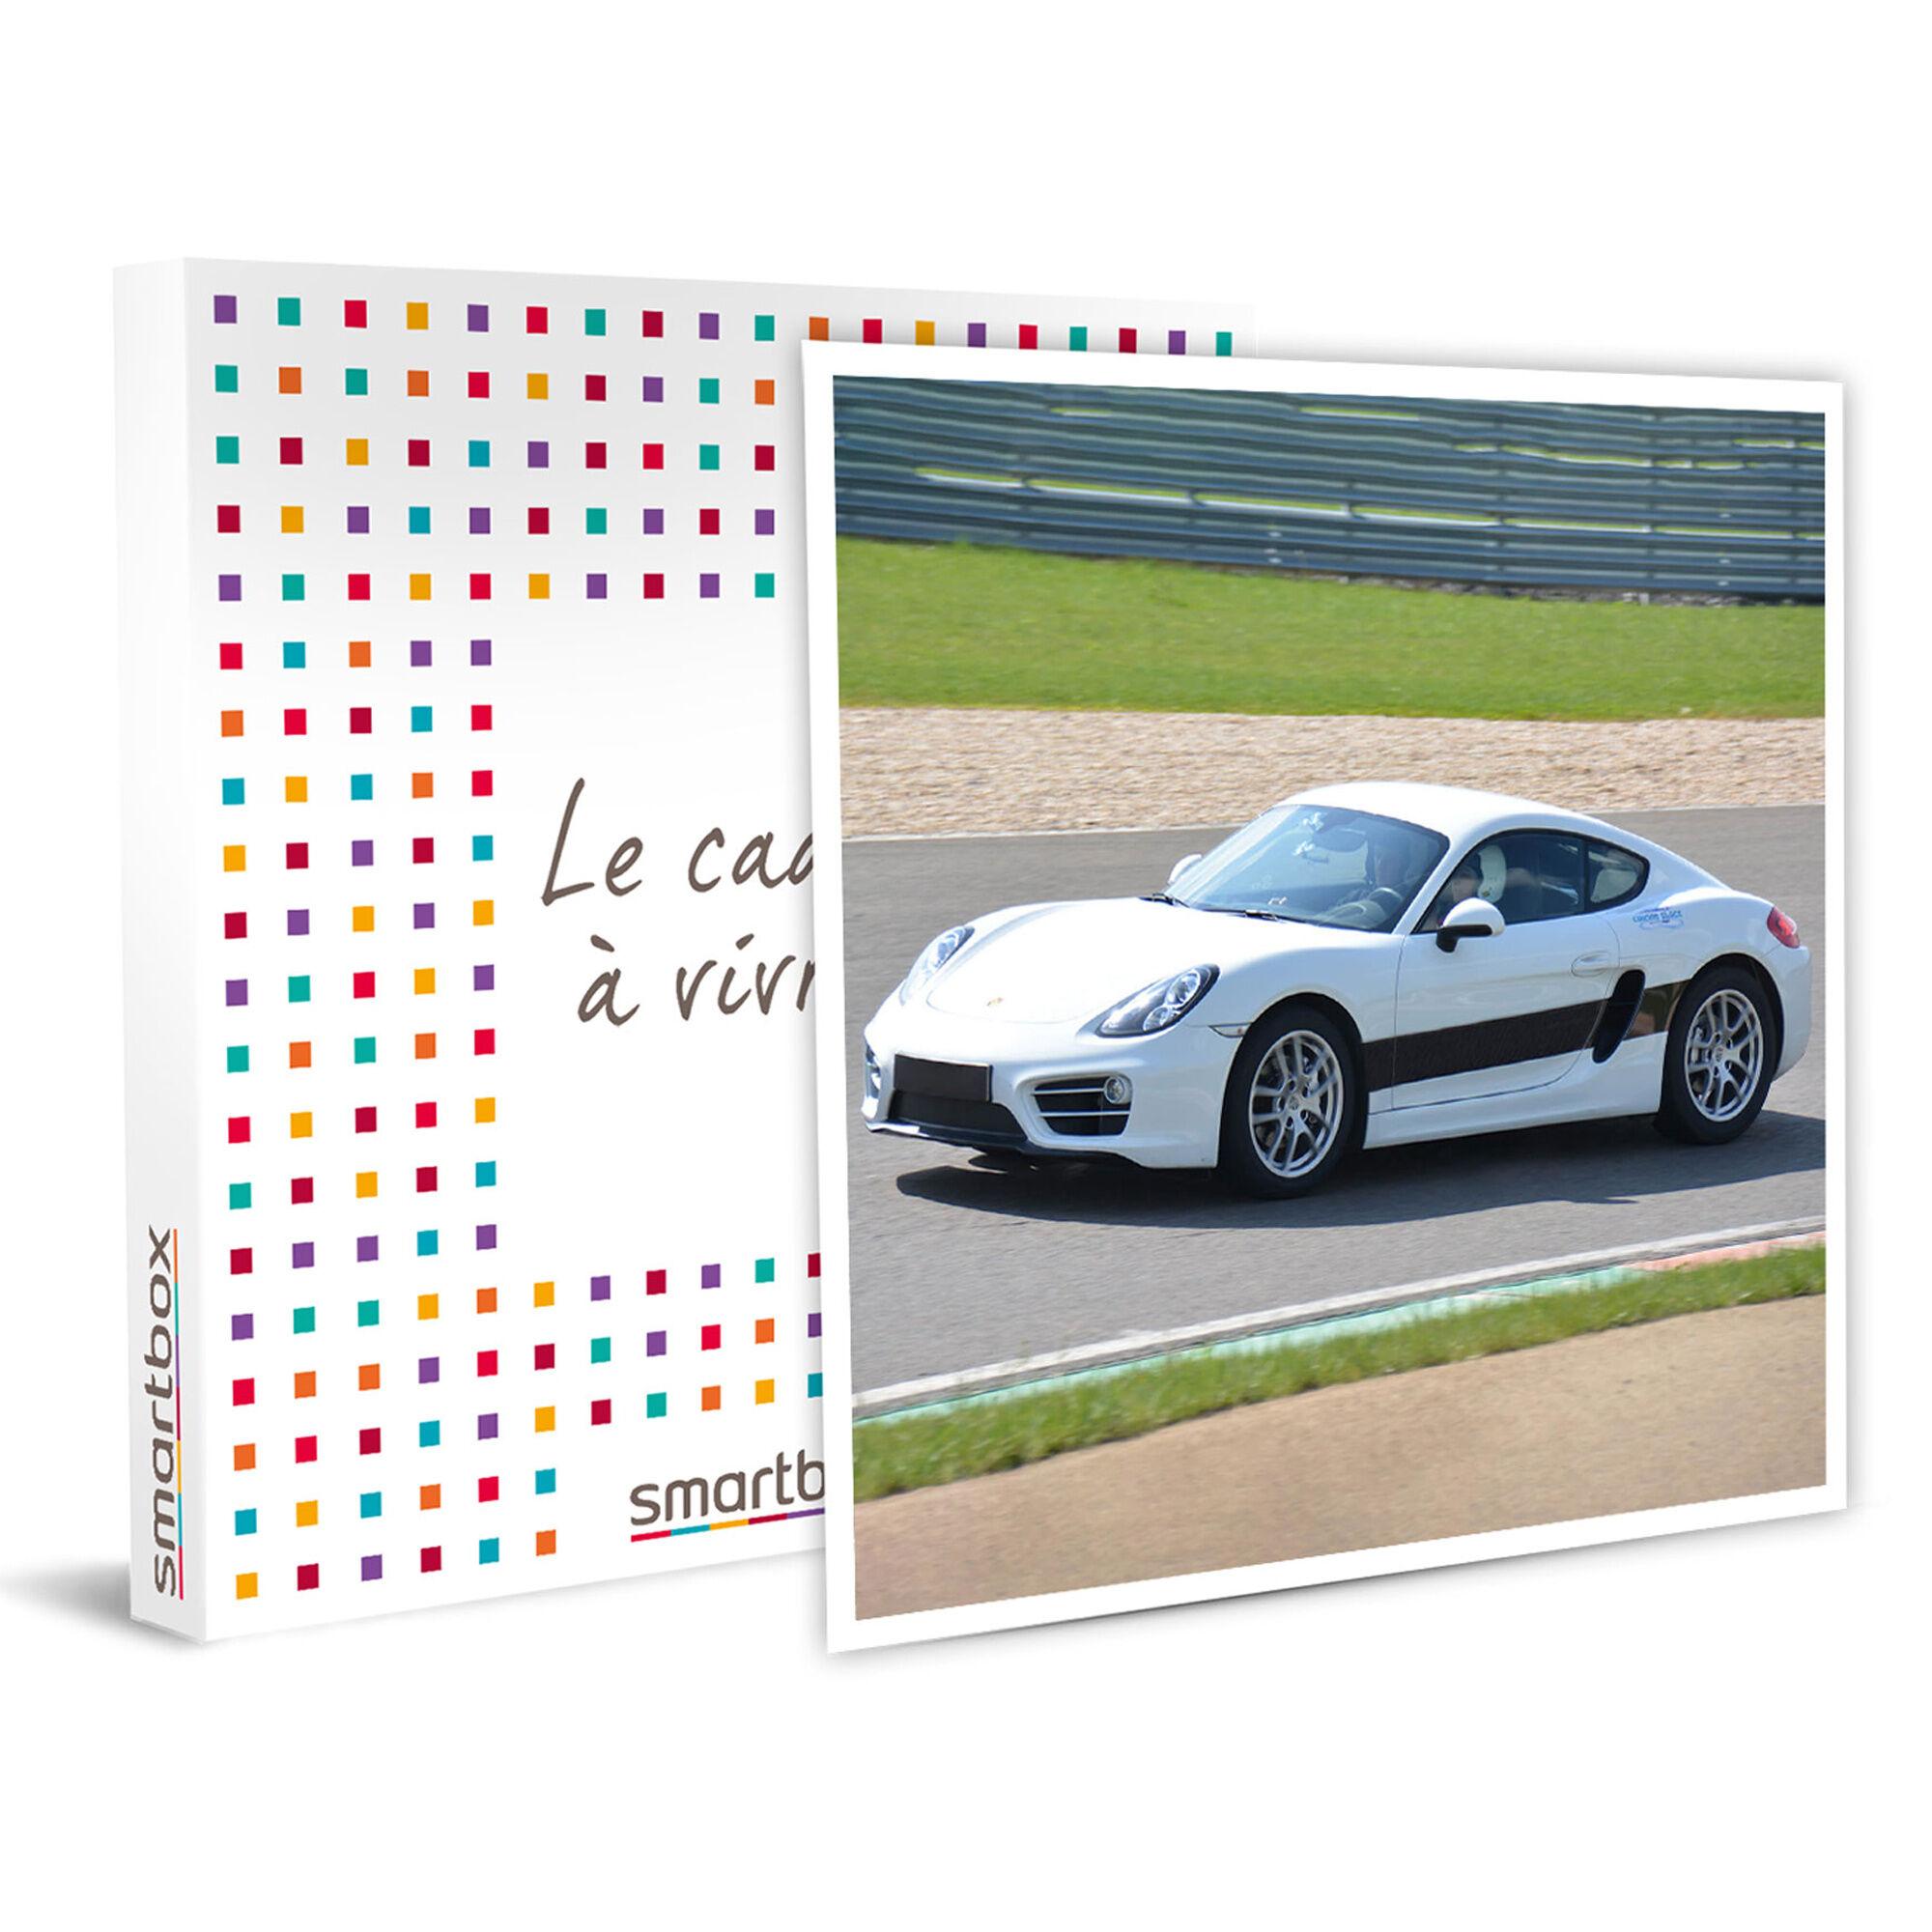 Smartbox Pilotage prestige Porsche Coffret cadeau Smartbox